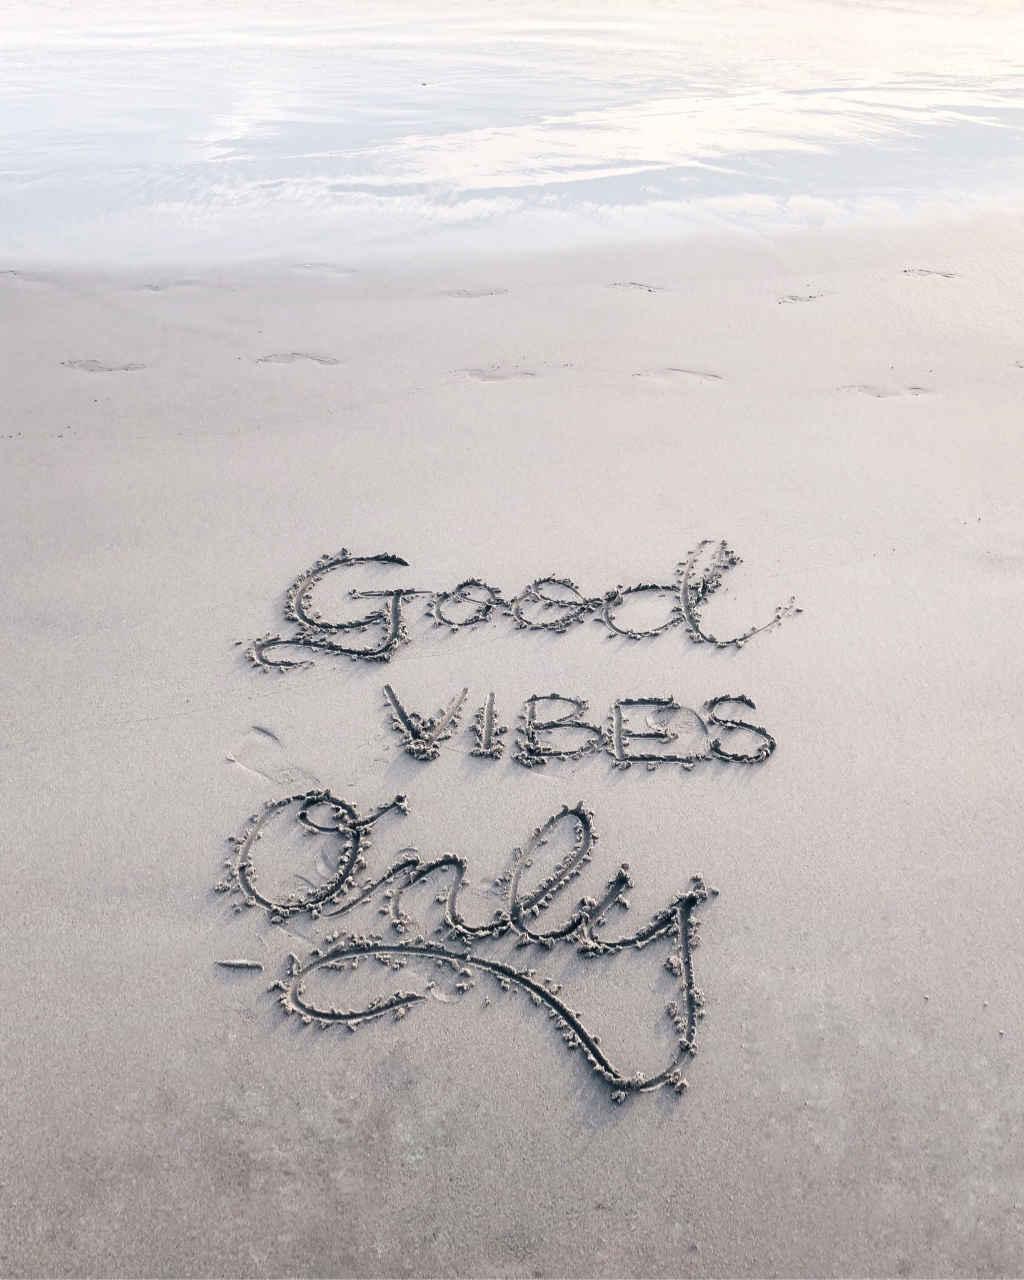 Nella foto la scritta Good Vibes only … consiglio come comportarsi con i tedeschi. simply walter, taduttore doc italiano-tedesco